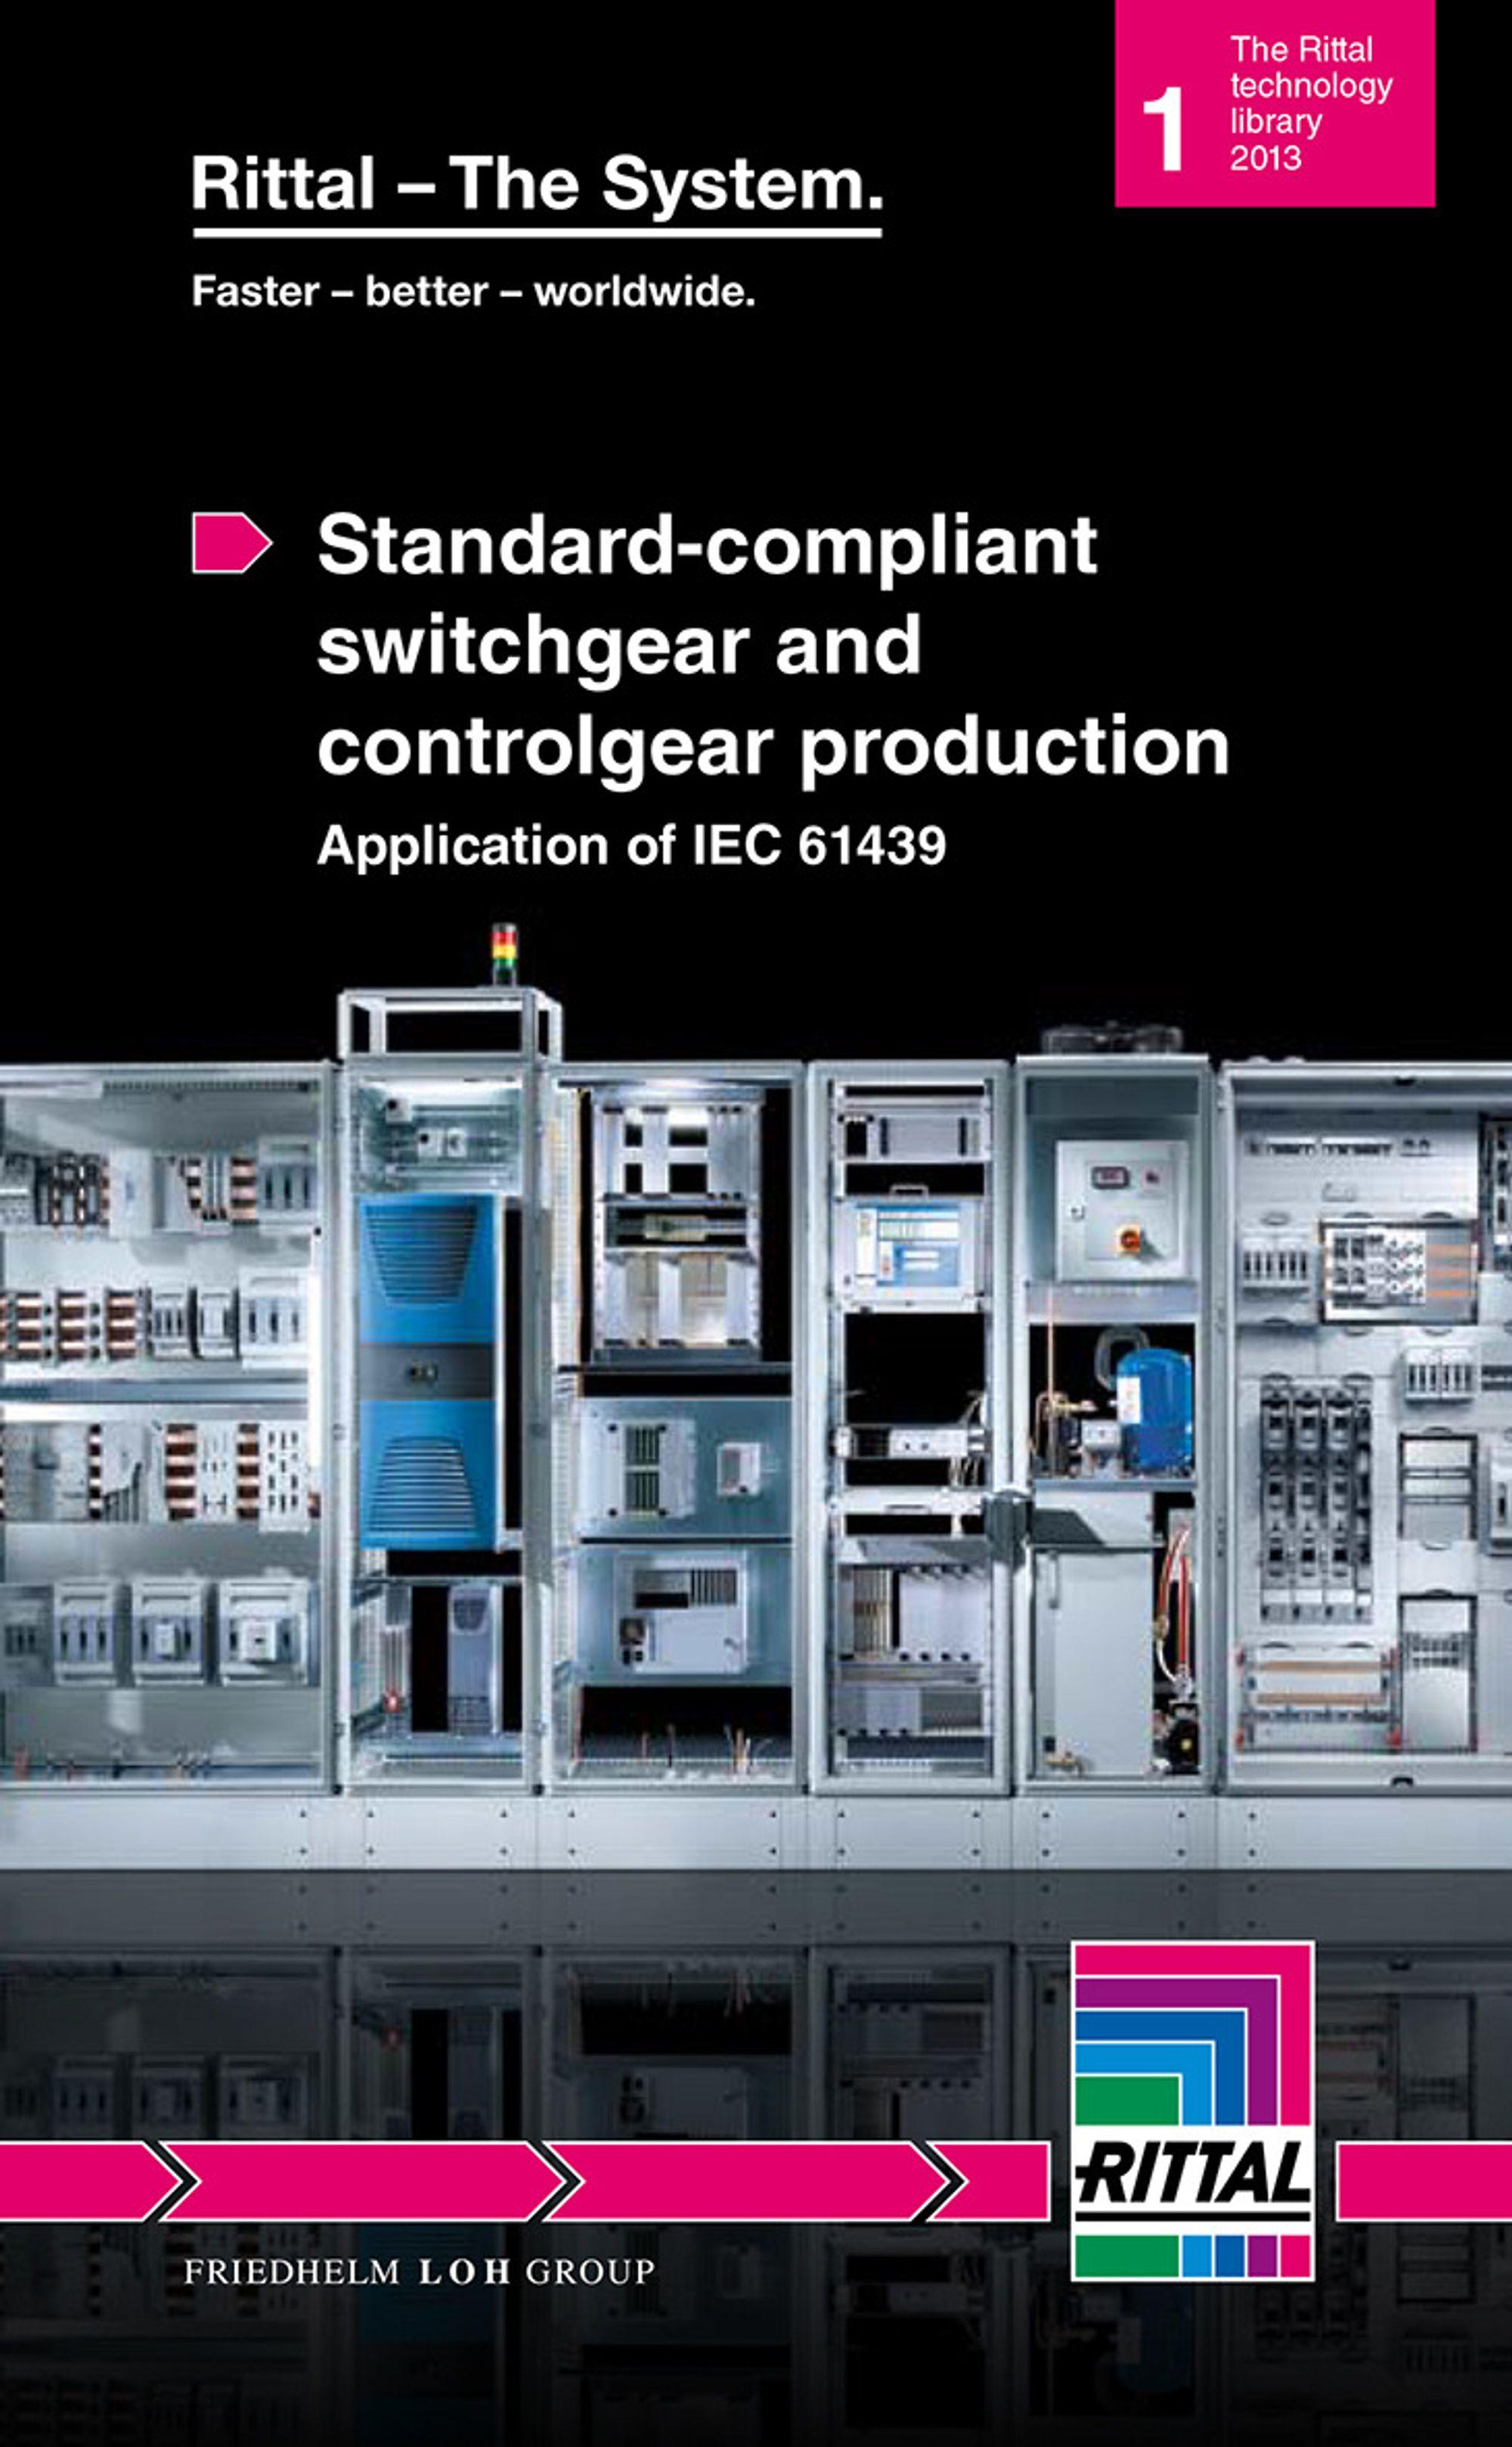 Nå kan du laste ned en håndbok for IEC 61439, som dekker strømfordeling i automatiseringsskap og fordelingstavler.